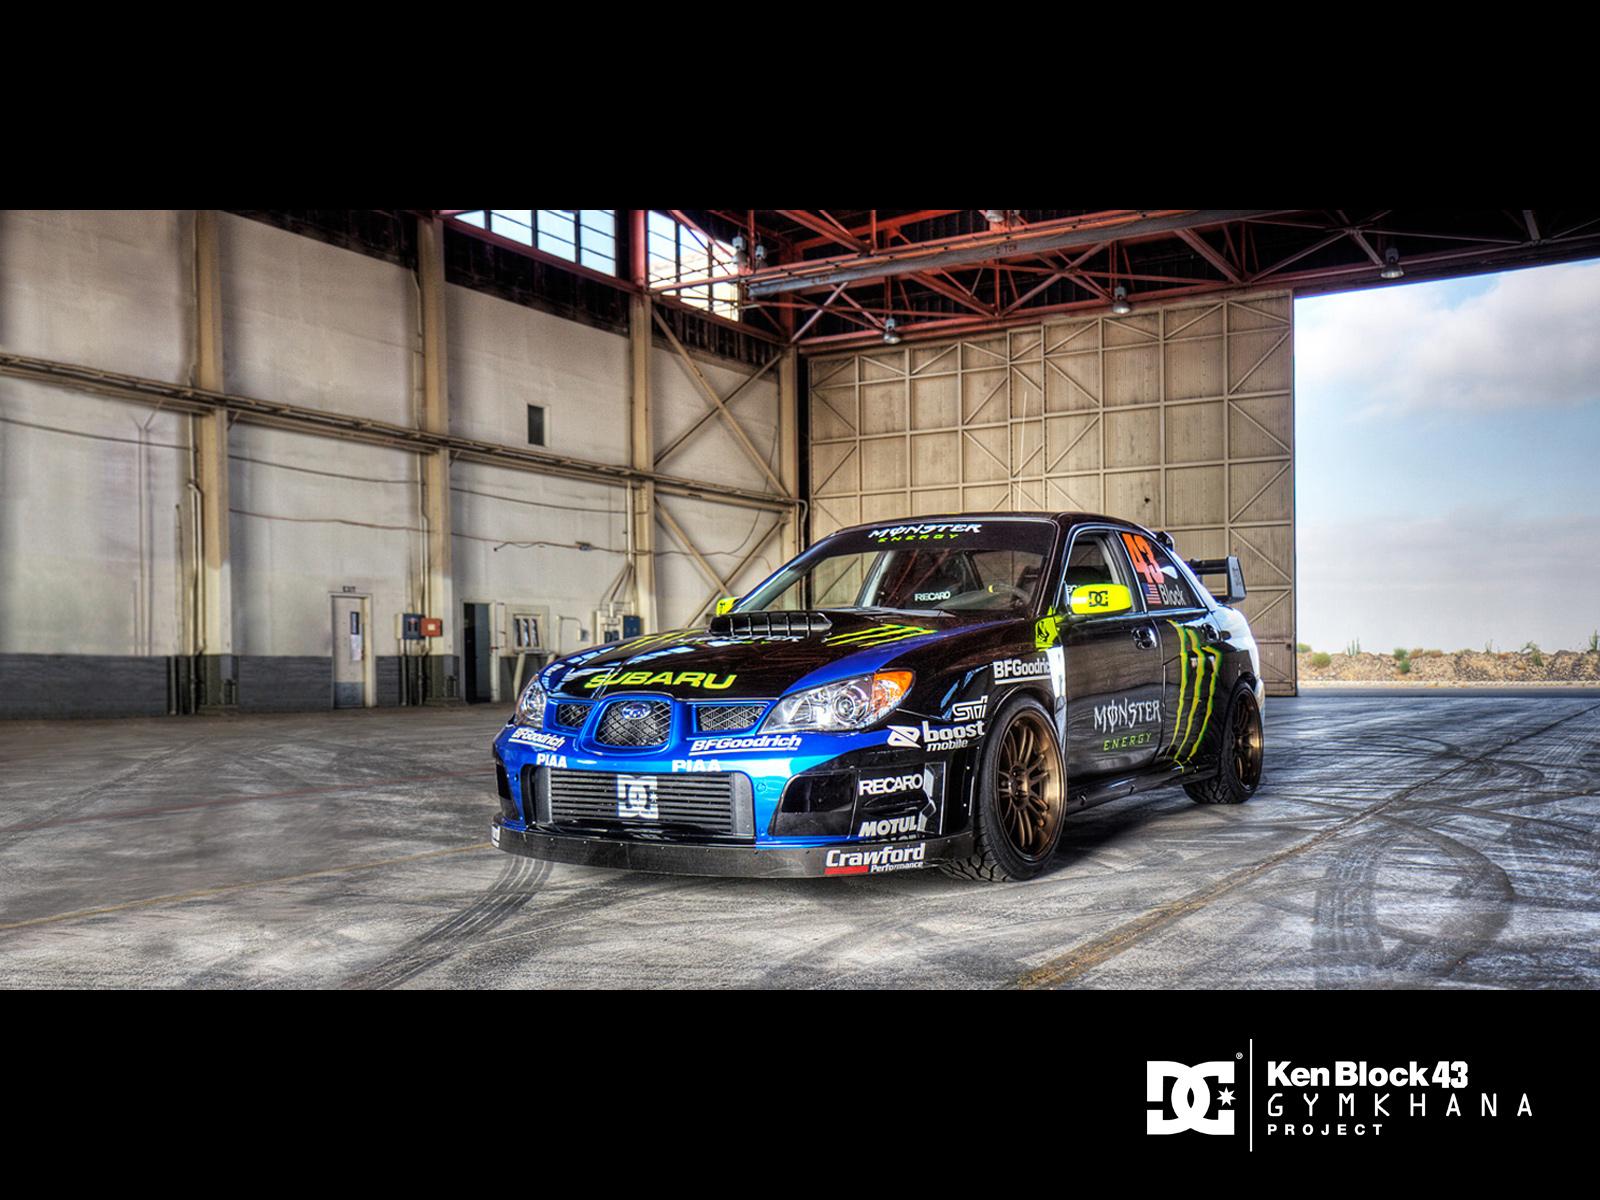 Ken Block Subaru Impreza   1600x1200 Wallpaper   Ecopetitcat 1600x1200